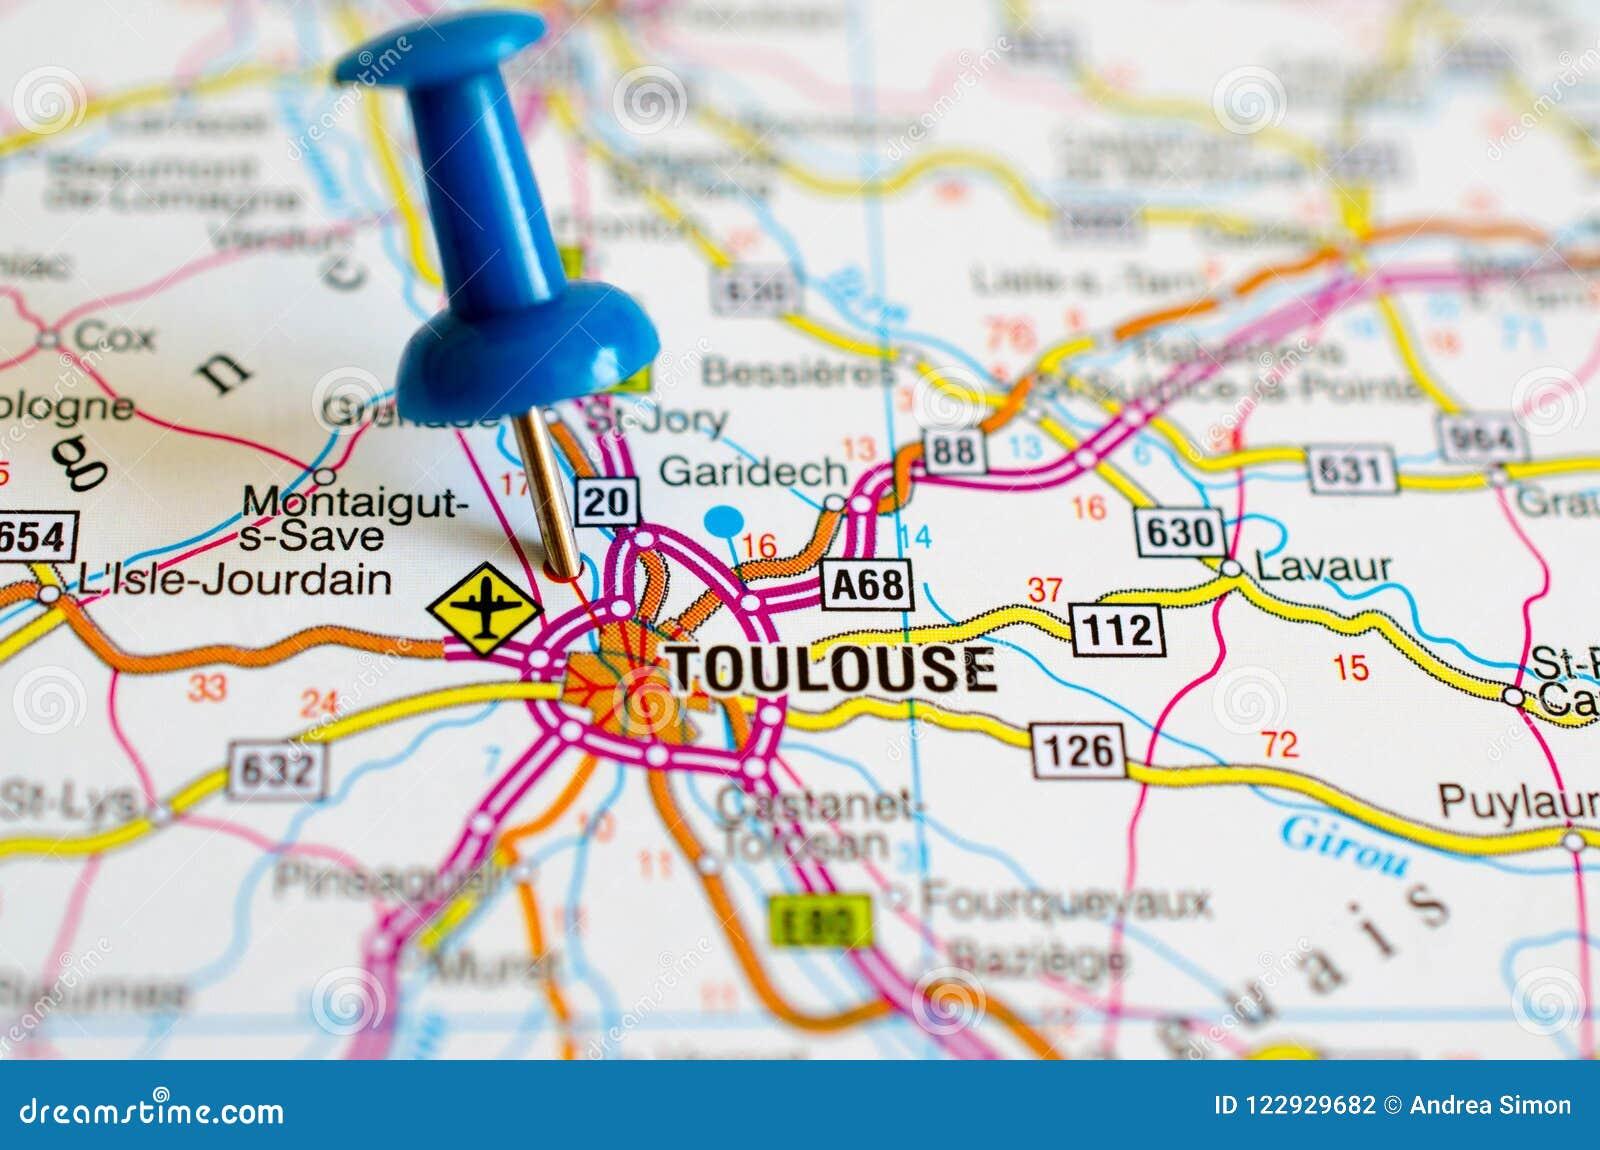 Toulouse Karte.Toulouse Auf Karte Stockfoto Bild Von Stoß Karten 122929682